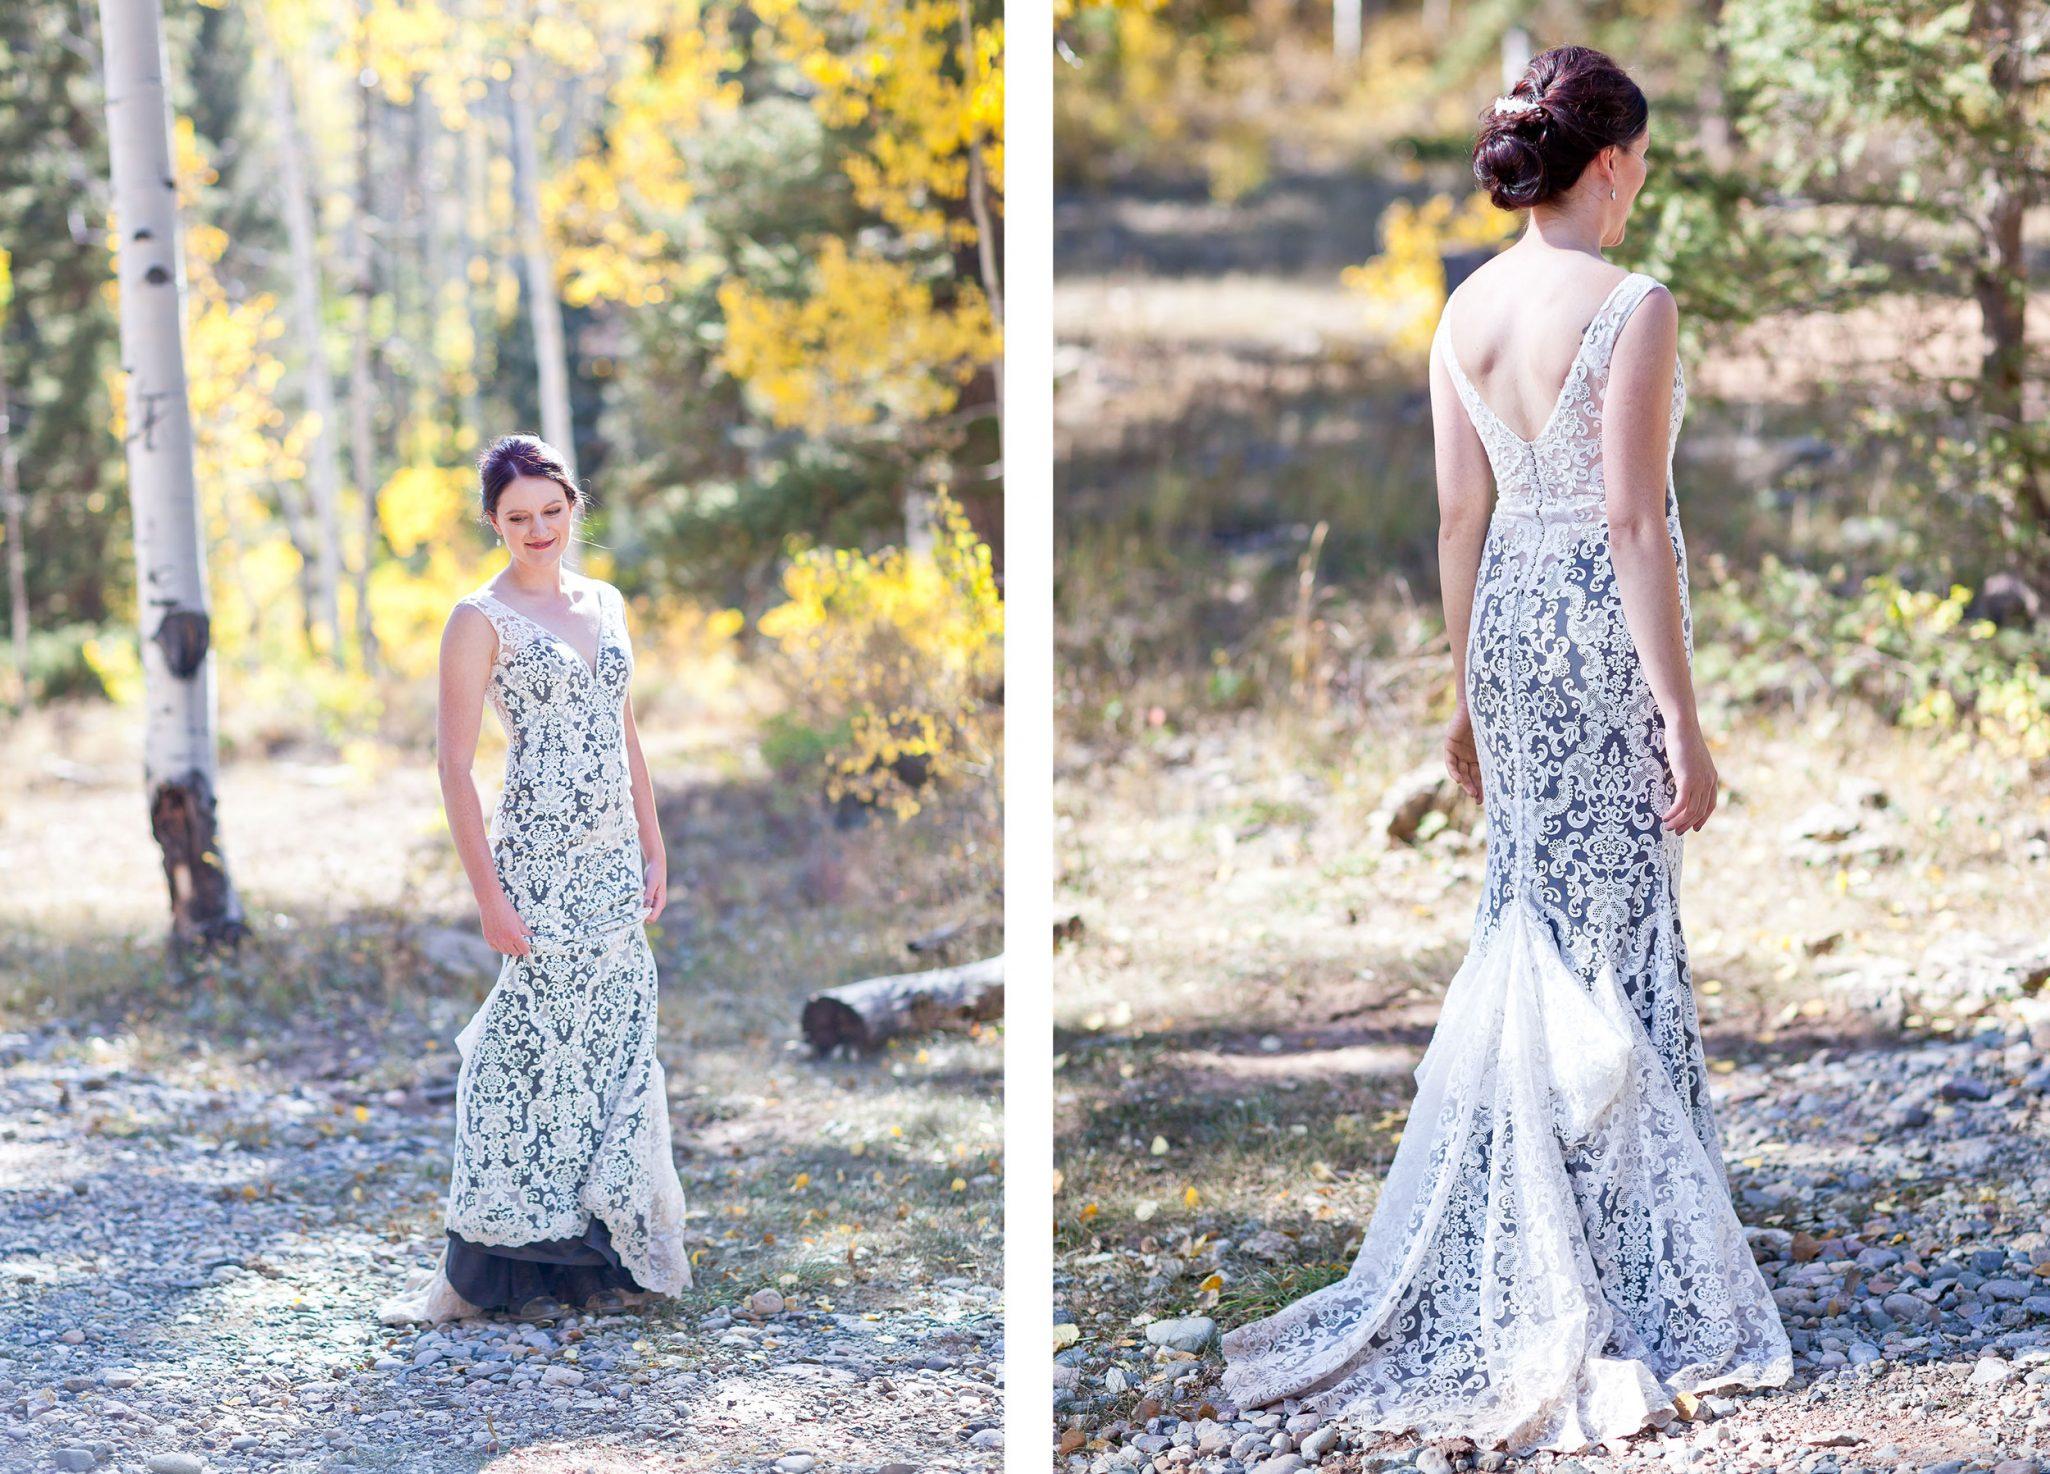 Durango, Colorado bride